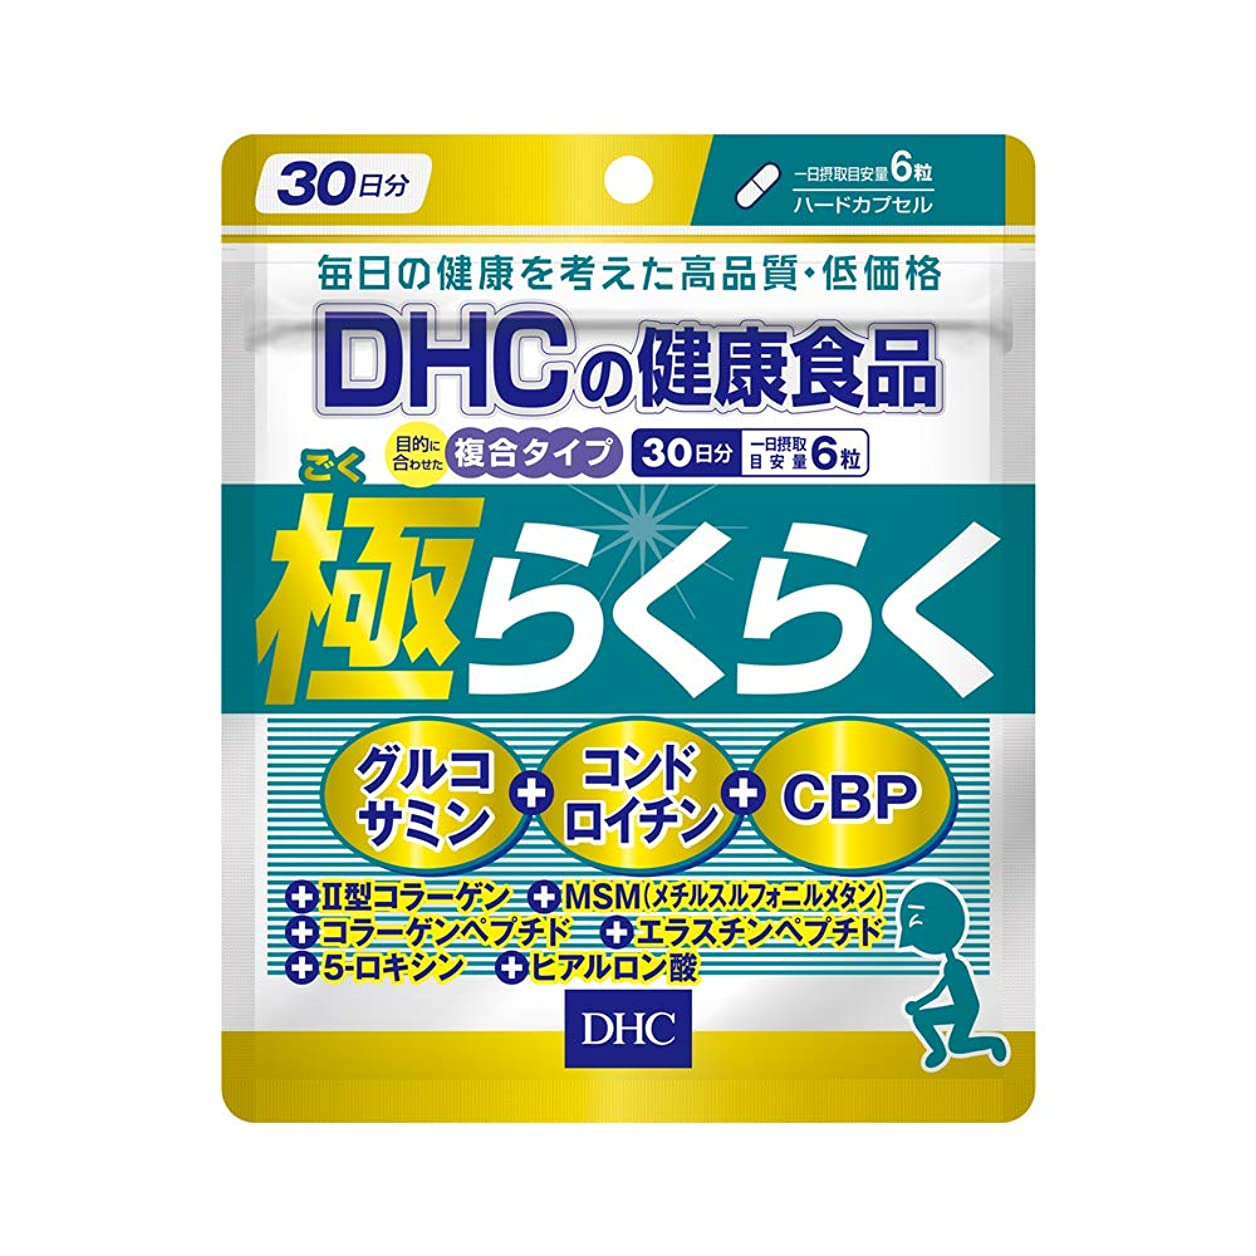 大洪水キルス不適当DHC 極(ごく)らくらく 30日分